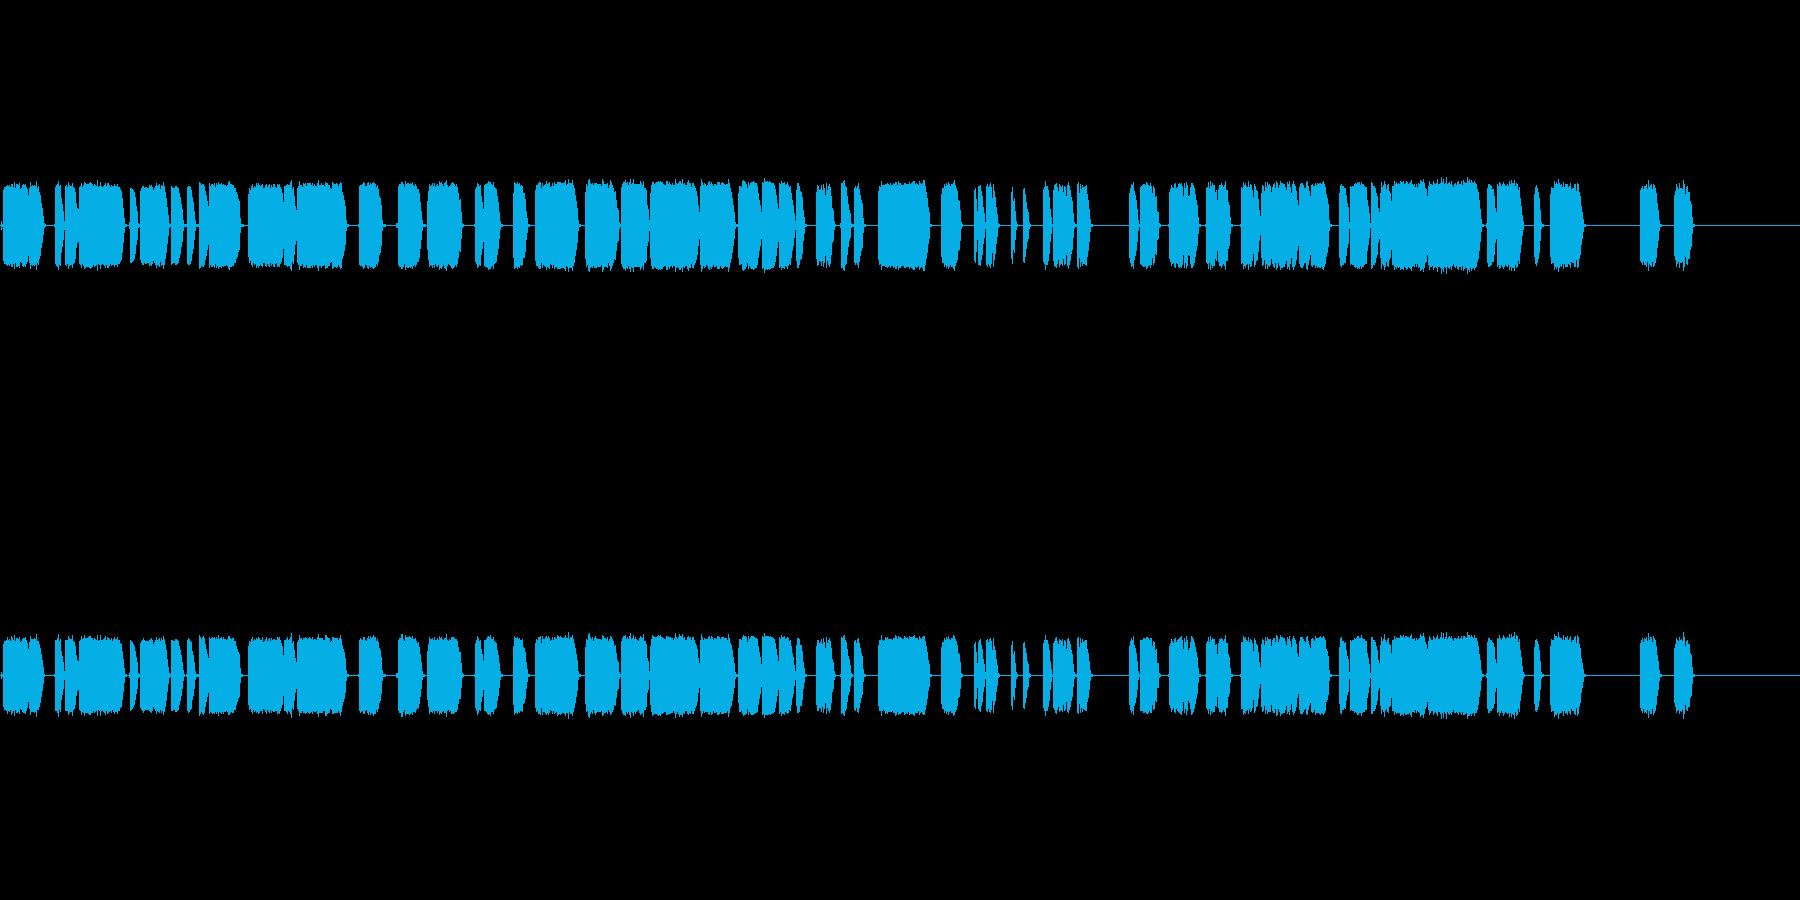 電圧の再生済みの波形